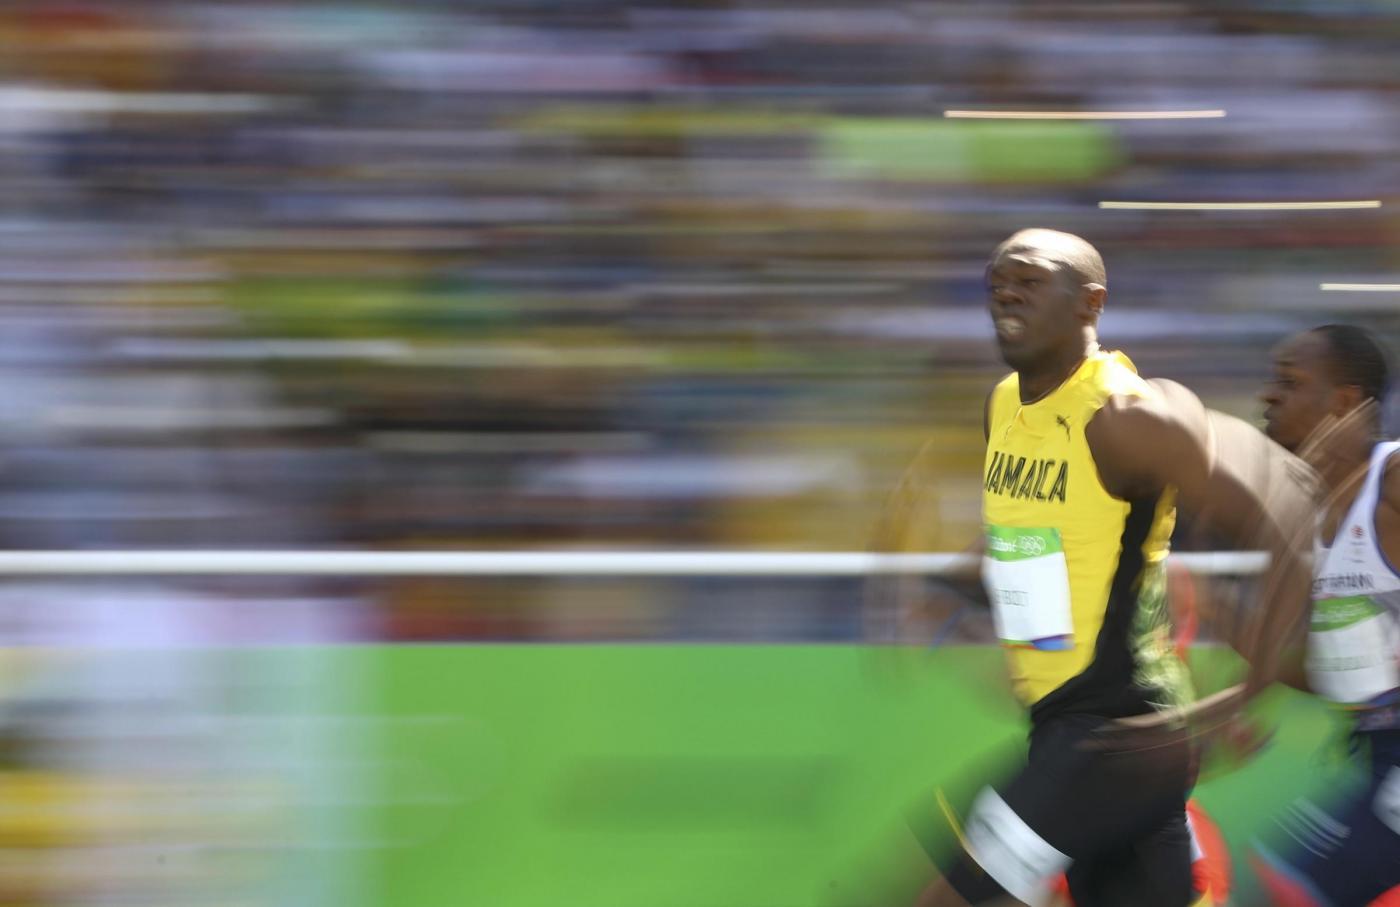 Atletica, esordio di Bolt alle Olimpiadi di Rio